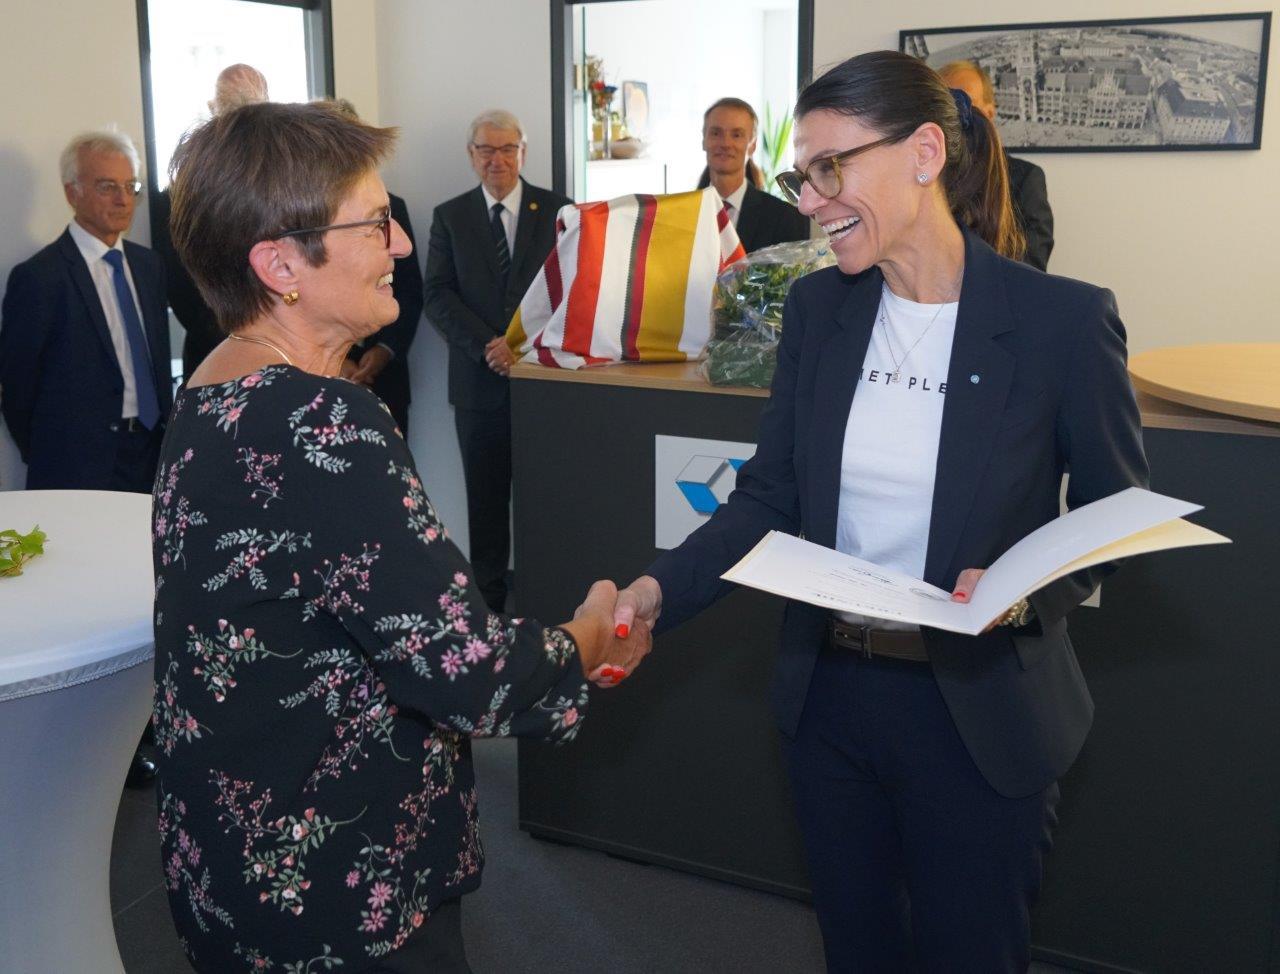 MRin Leonhardt, StMin Prof. Kiechle